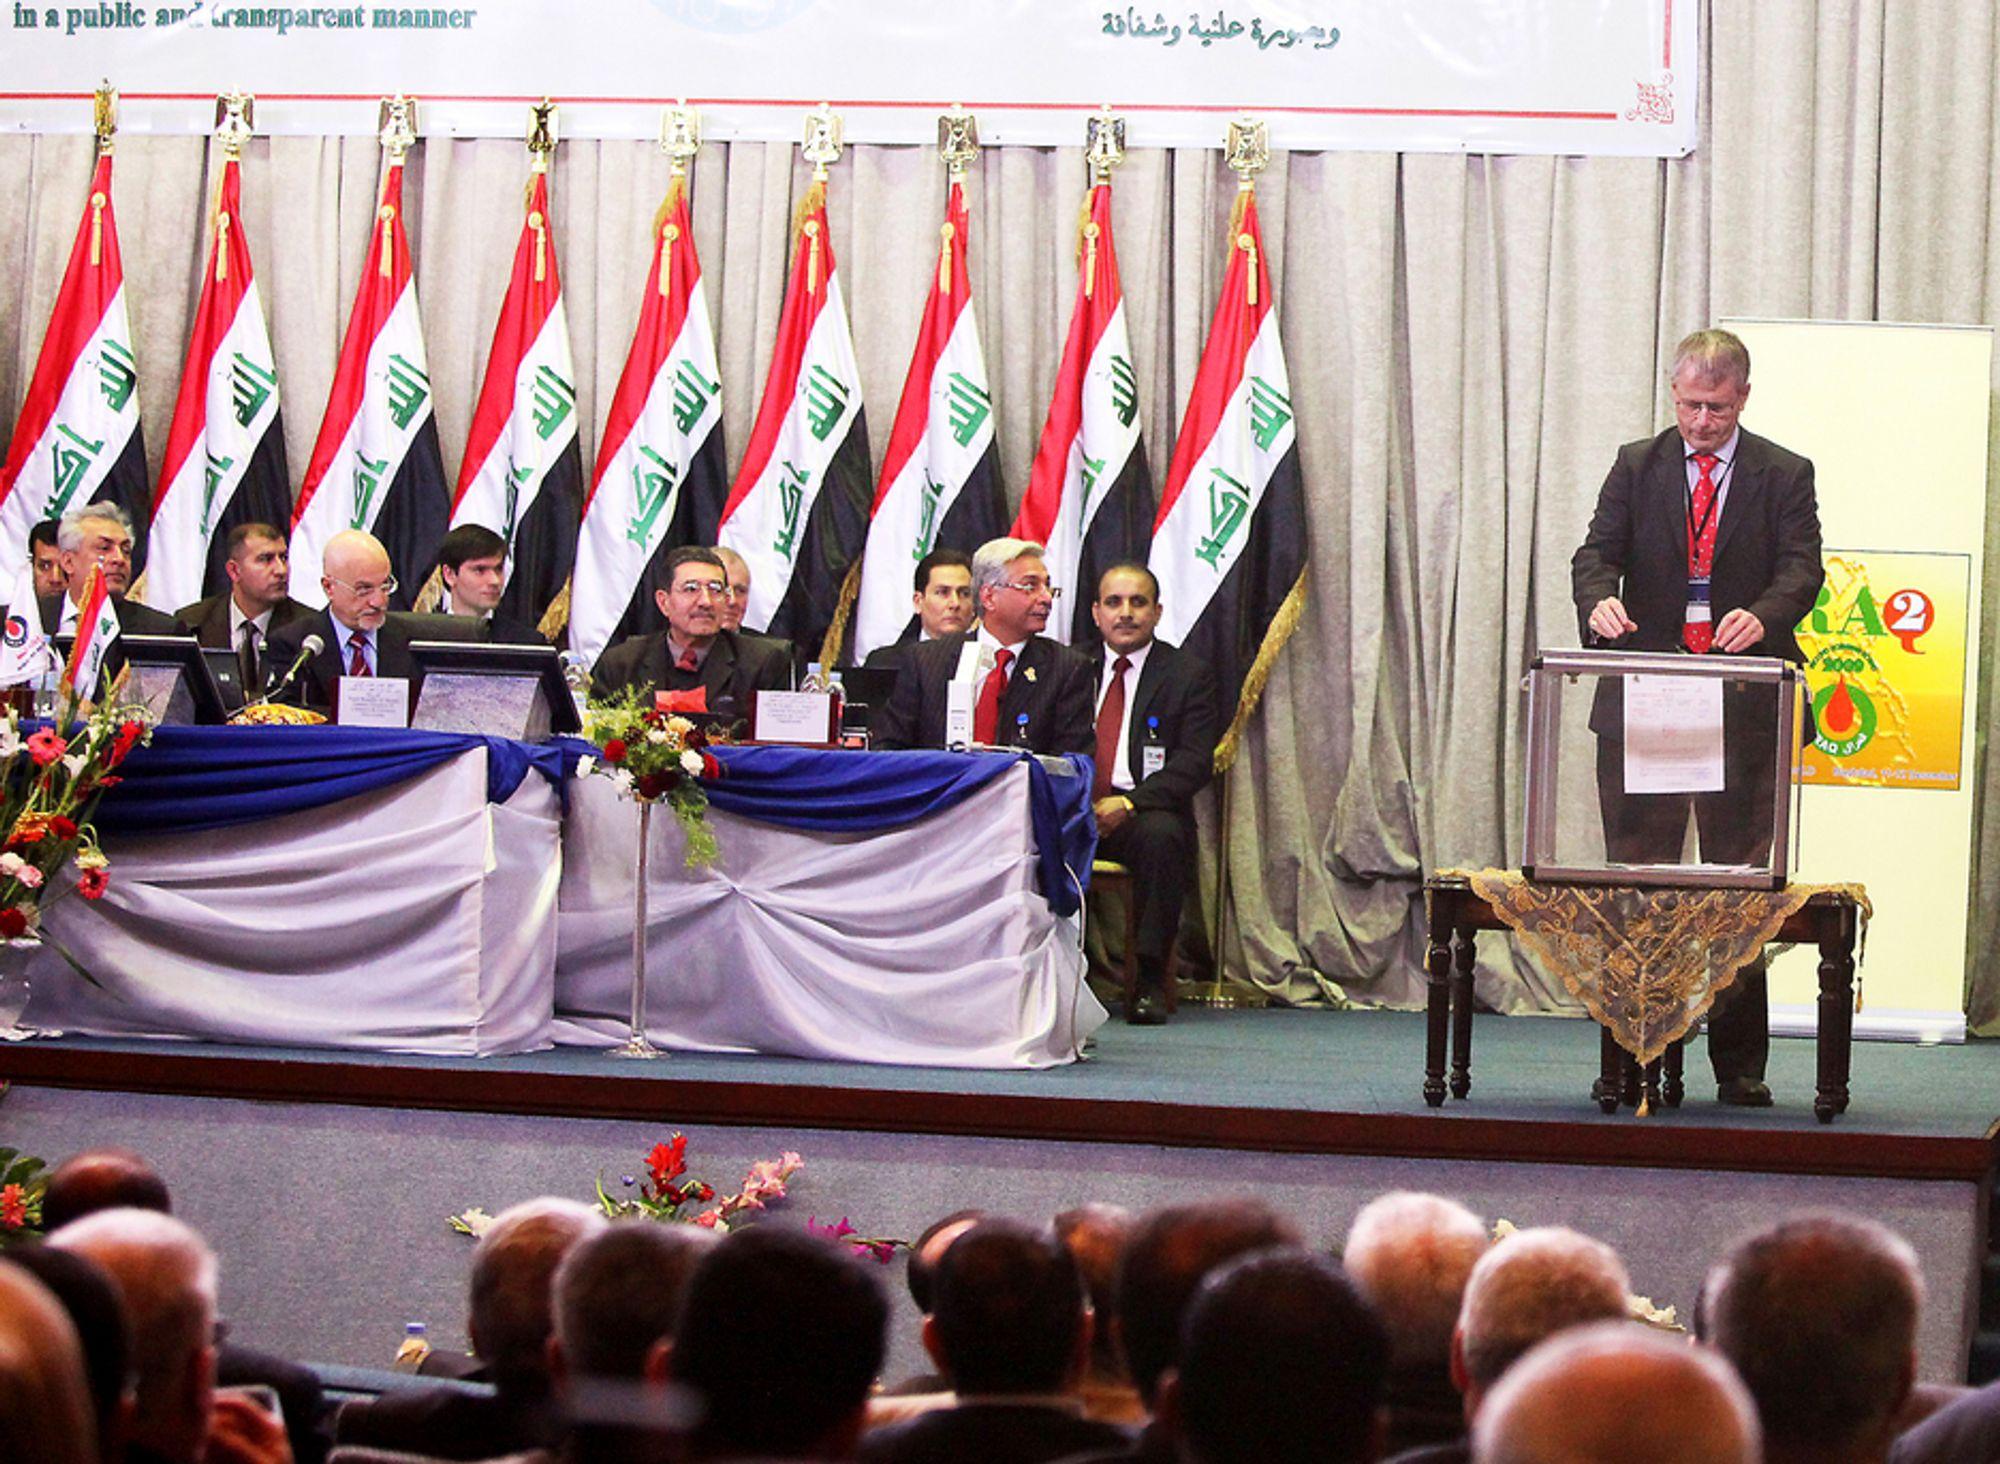 Det var stor entusiasme rundt Statoil og Lukoils Irak-avtale da den ble inngått i 2009.